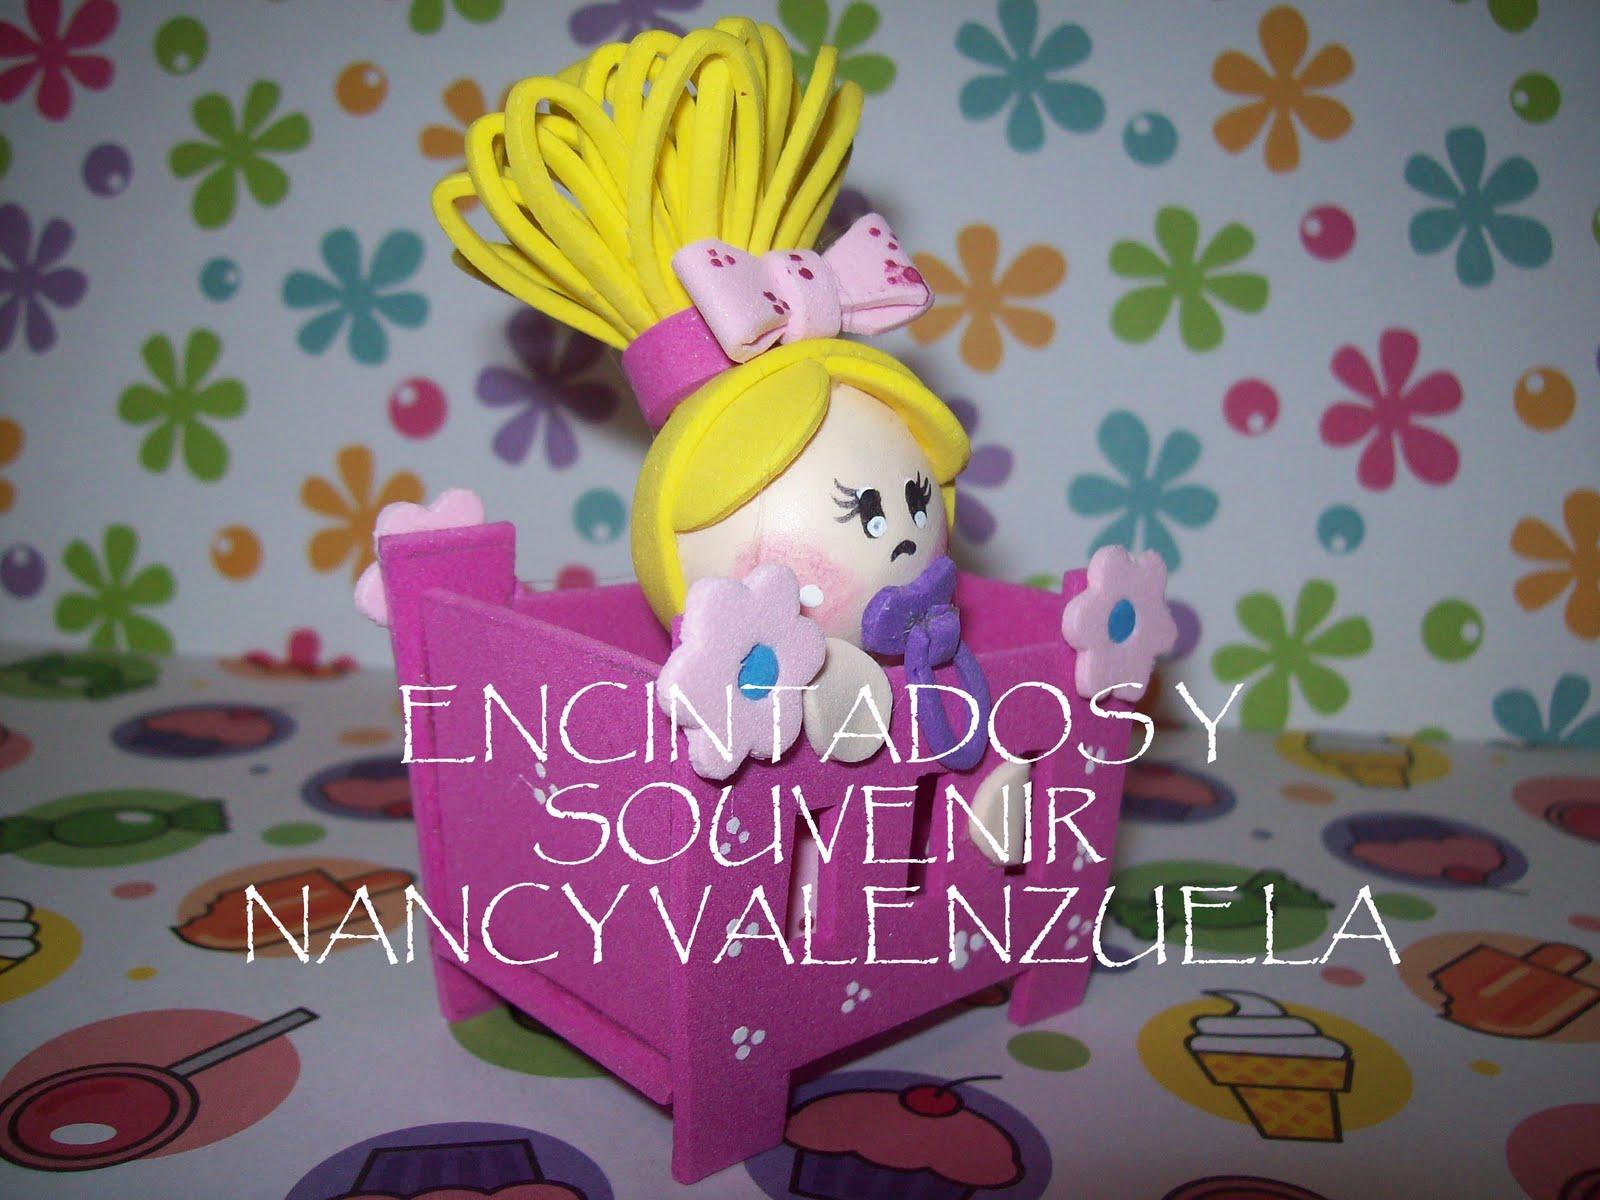 Bautizo Decoracion Manualidades ~ Manualidades Y Decoraciones Abril 2010 Bautizo Confirmacion Virgencita